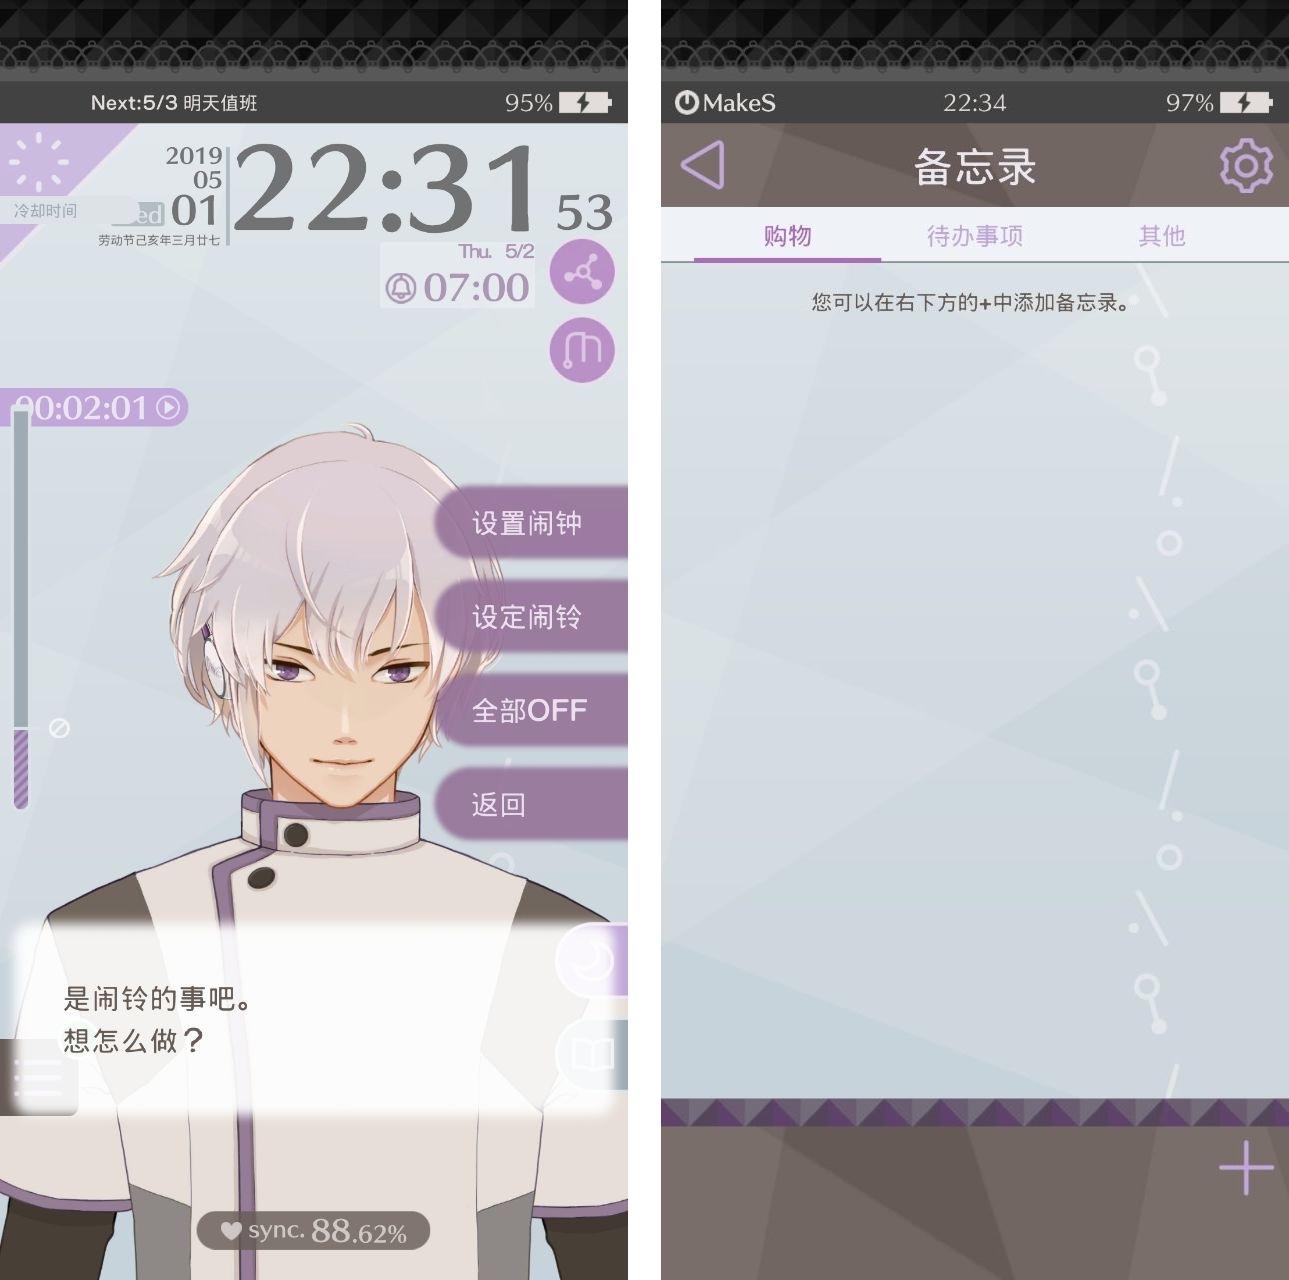 两张「早安我的少年」app 的截屏。